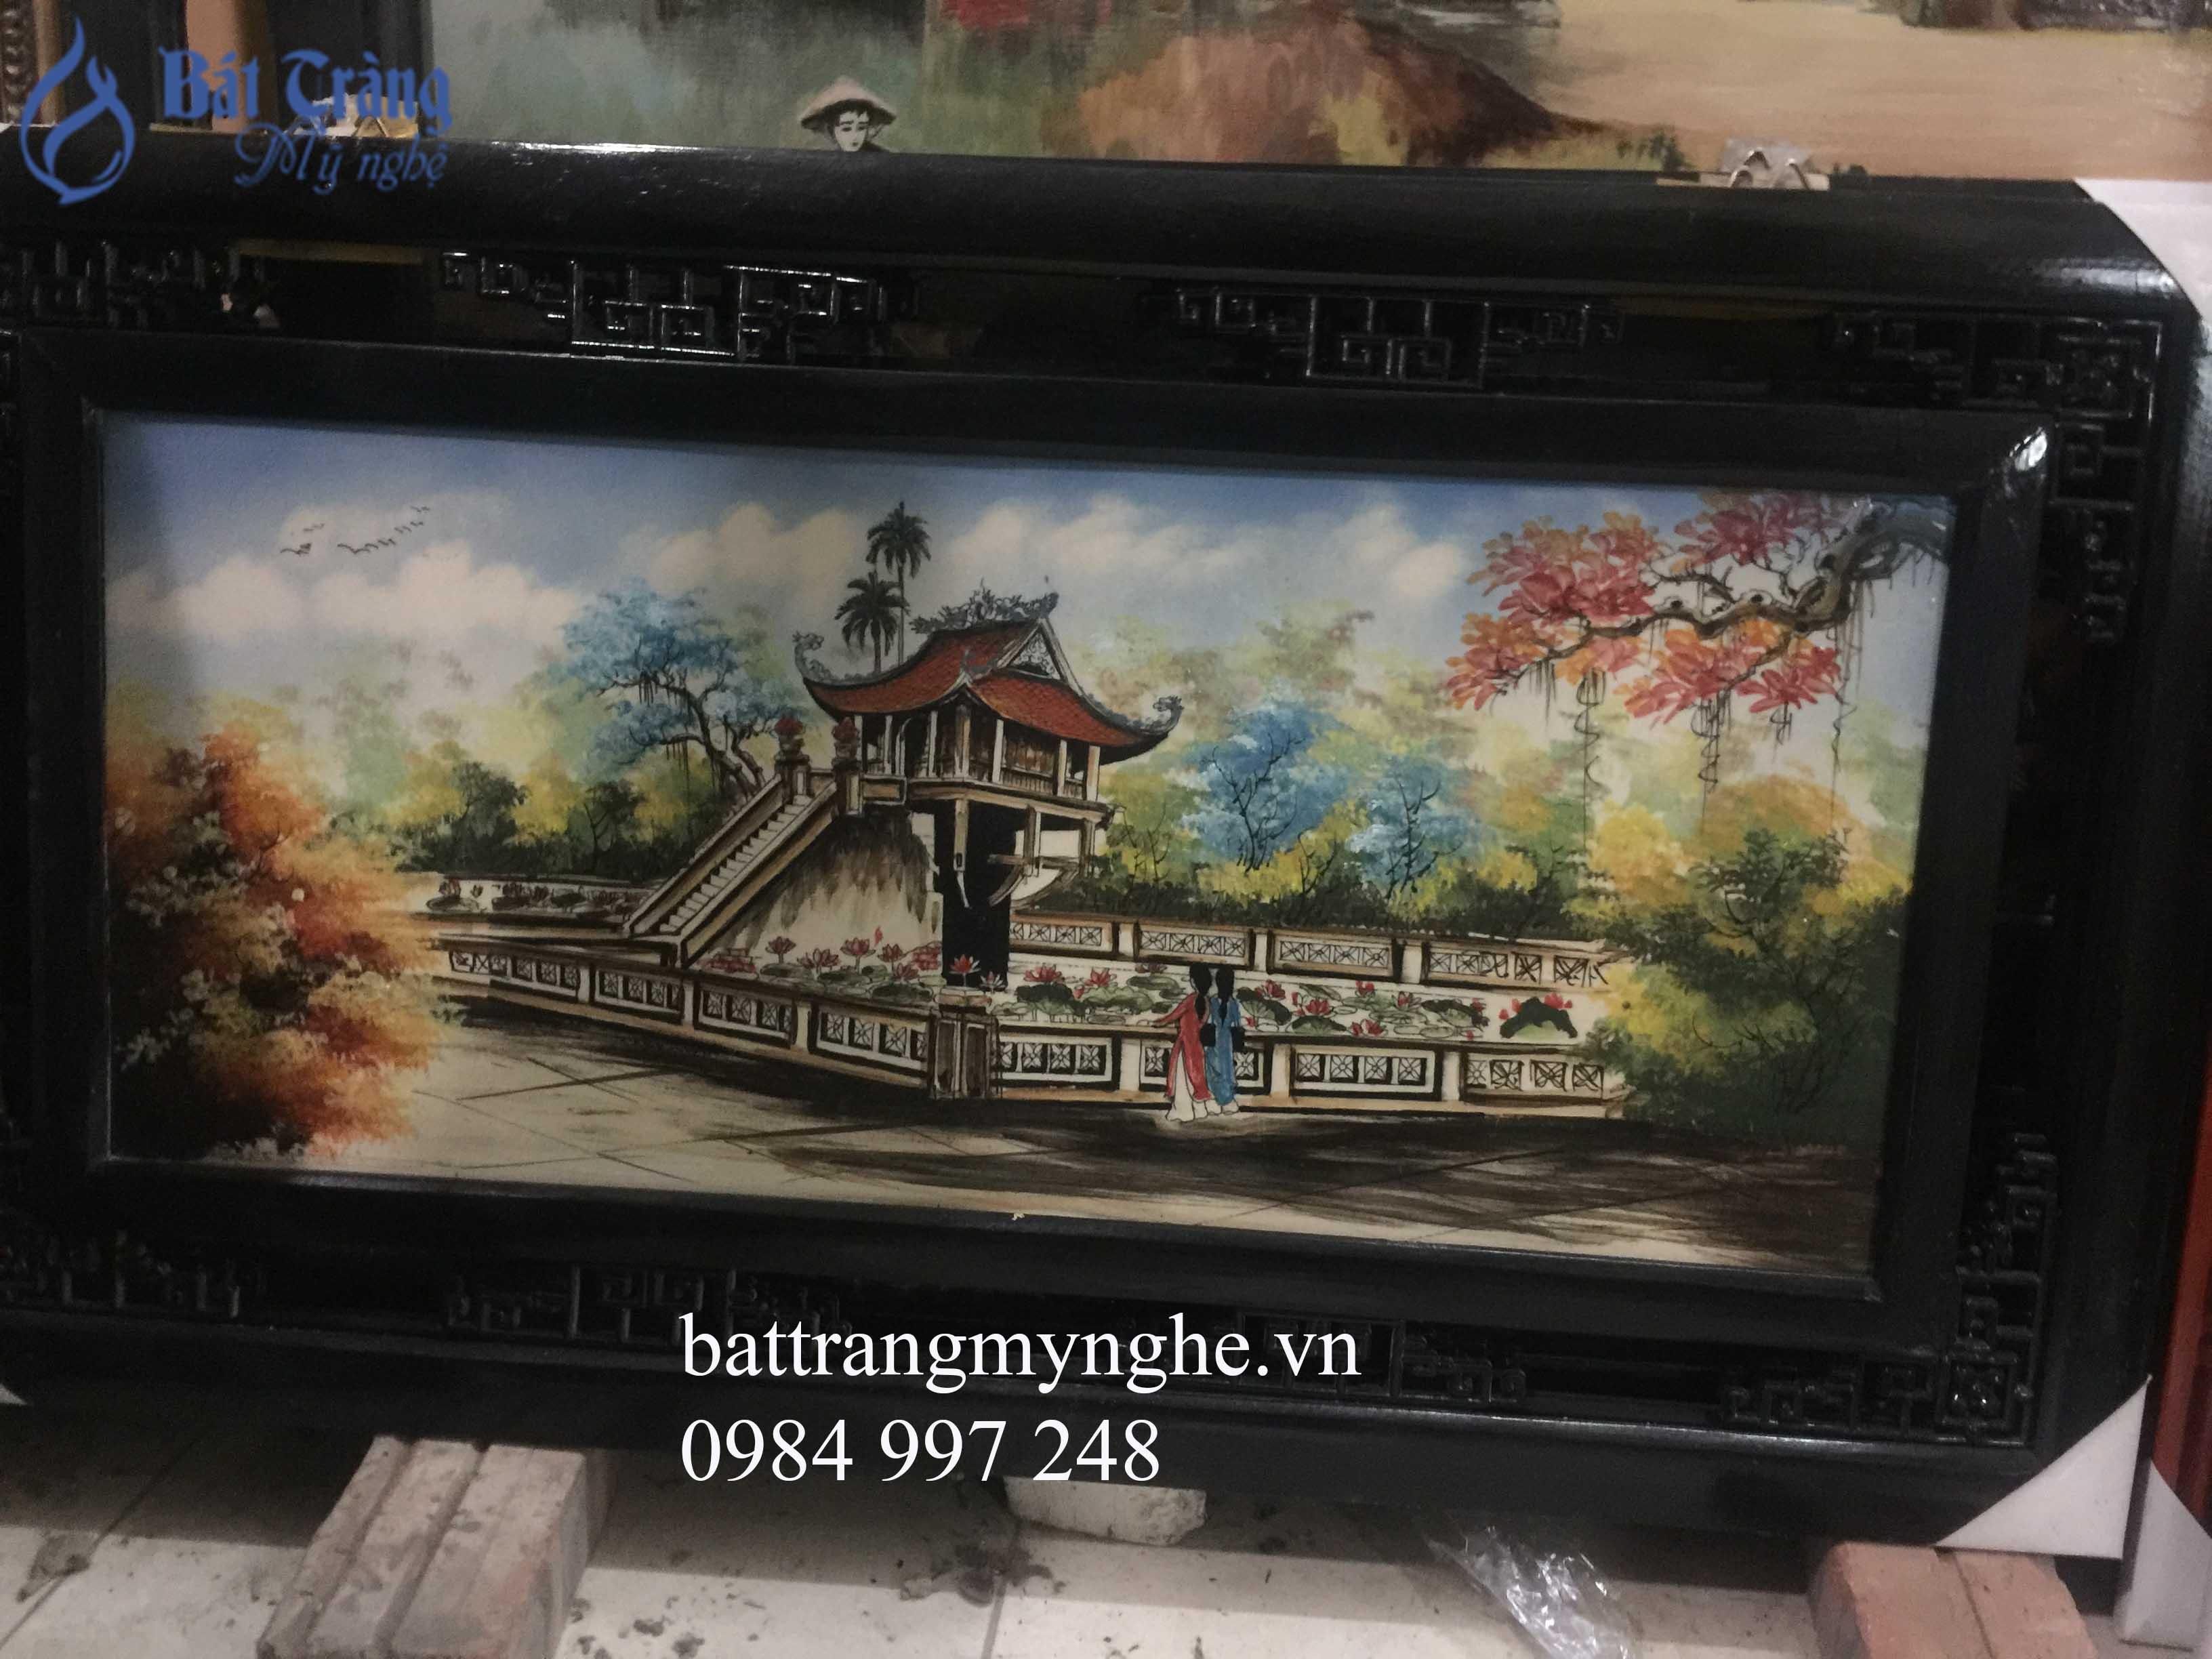 Tranh sứ màu vẽ cảnh chùa Một cột cả khung 50*80